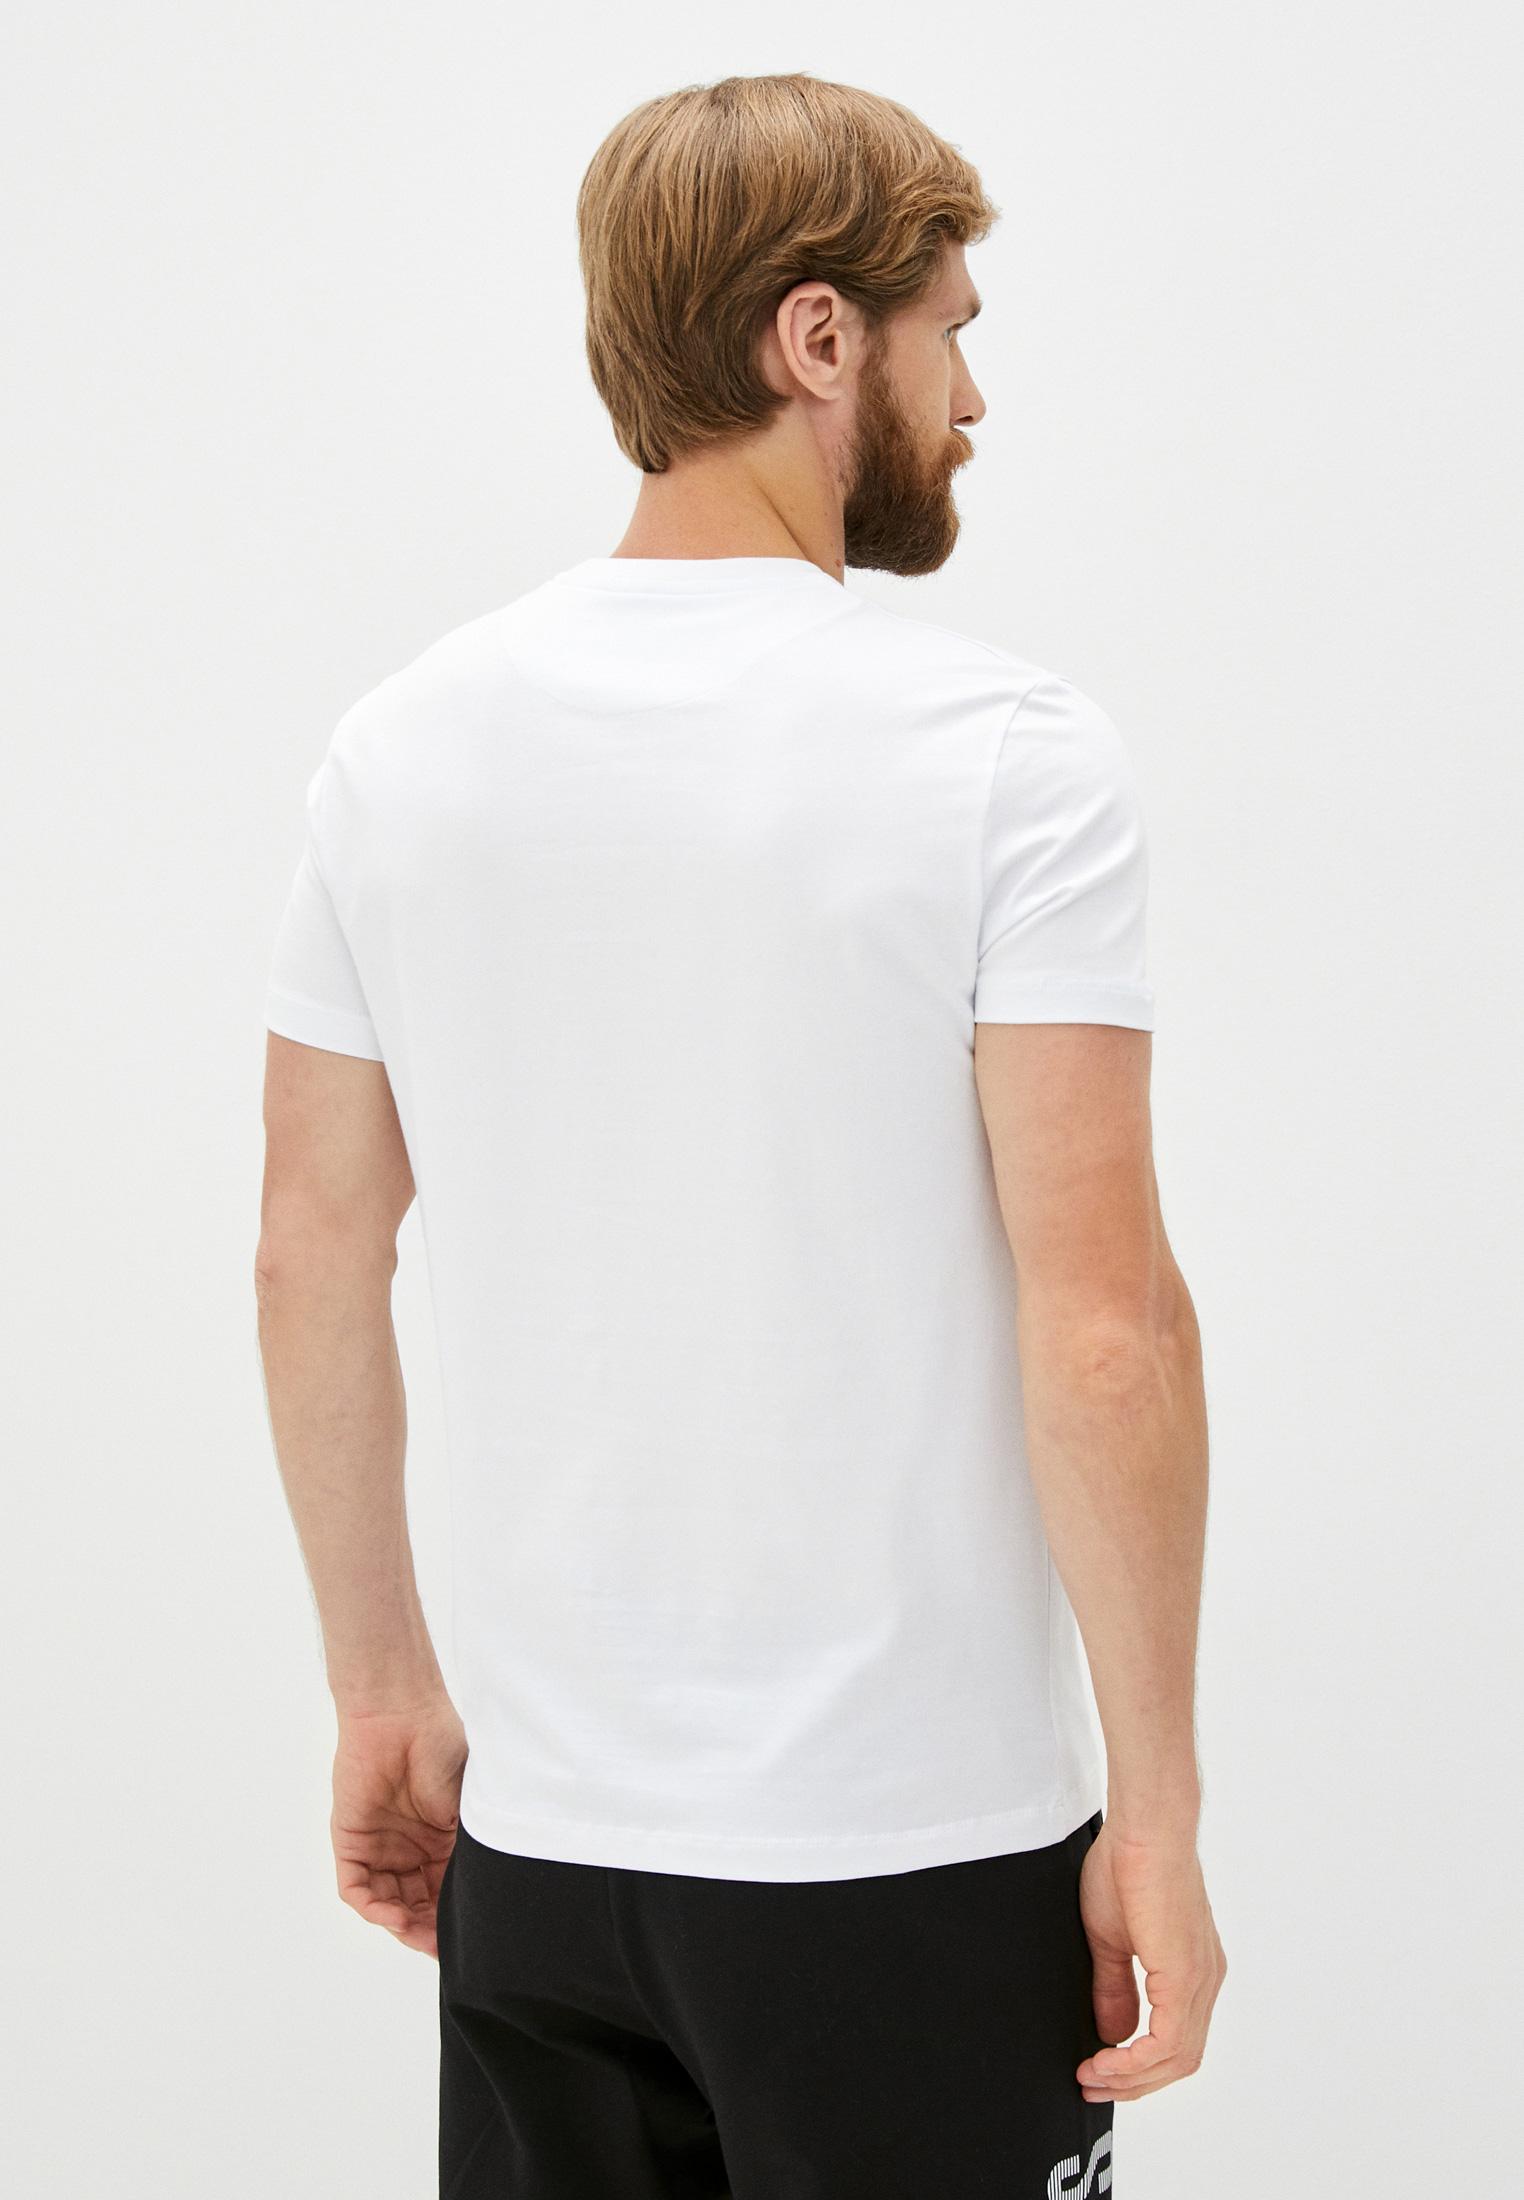 Мужская футболка Bikkembergs (Биккембергс) C 7 021 6U E 1814: изображение 4